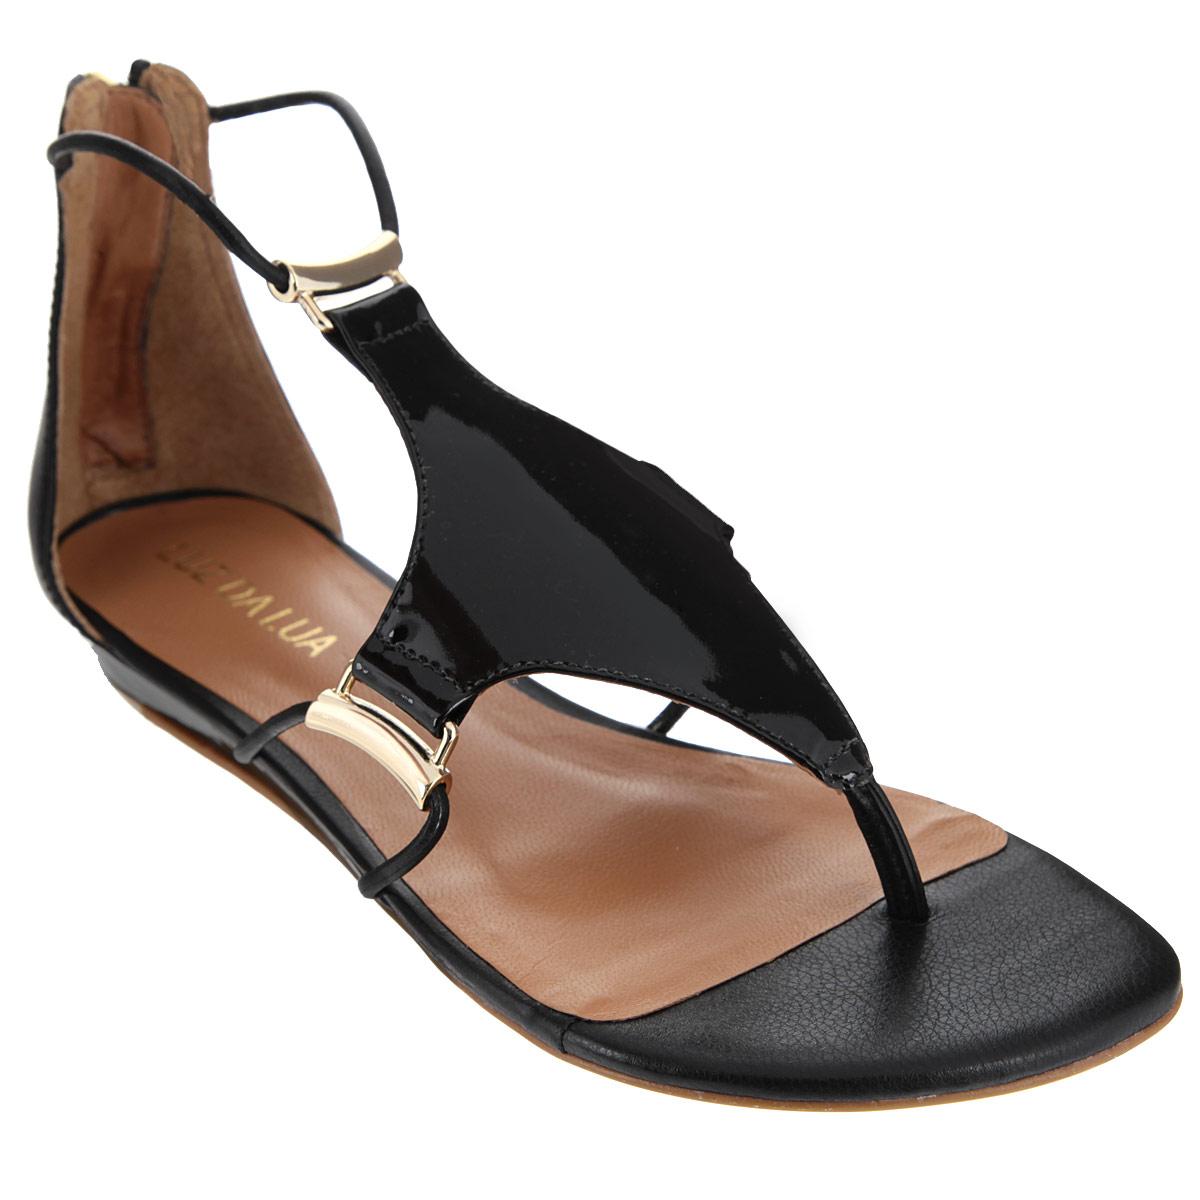 S56201V15Оригинальные сандалии от Luz Da Lua заинтересуют вас своим дизайном. Сандалии выполнены из натуральной лакированной кожи. Изюминка модели - накладка, расположенная на подъеме, которая крепится к изделию при помощи тонких ремешков, пропущенных через оригинальную металлическую фурнитуру. Закрытый задник, дополненный удобной застежкой-молнией, и перемычка между пальцами отвечают за надежную фиксацию модели на ноге. Стелька из натуральной кожи обеспечивает комфорт при ходьбе. Невысокая танкетка устойчива. Минимальной высоты каблук и подошва дополнены противоскользящим рифлением. Стильные сандалии внесут элегантные нотки в ваш летний наряд.